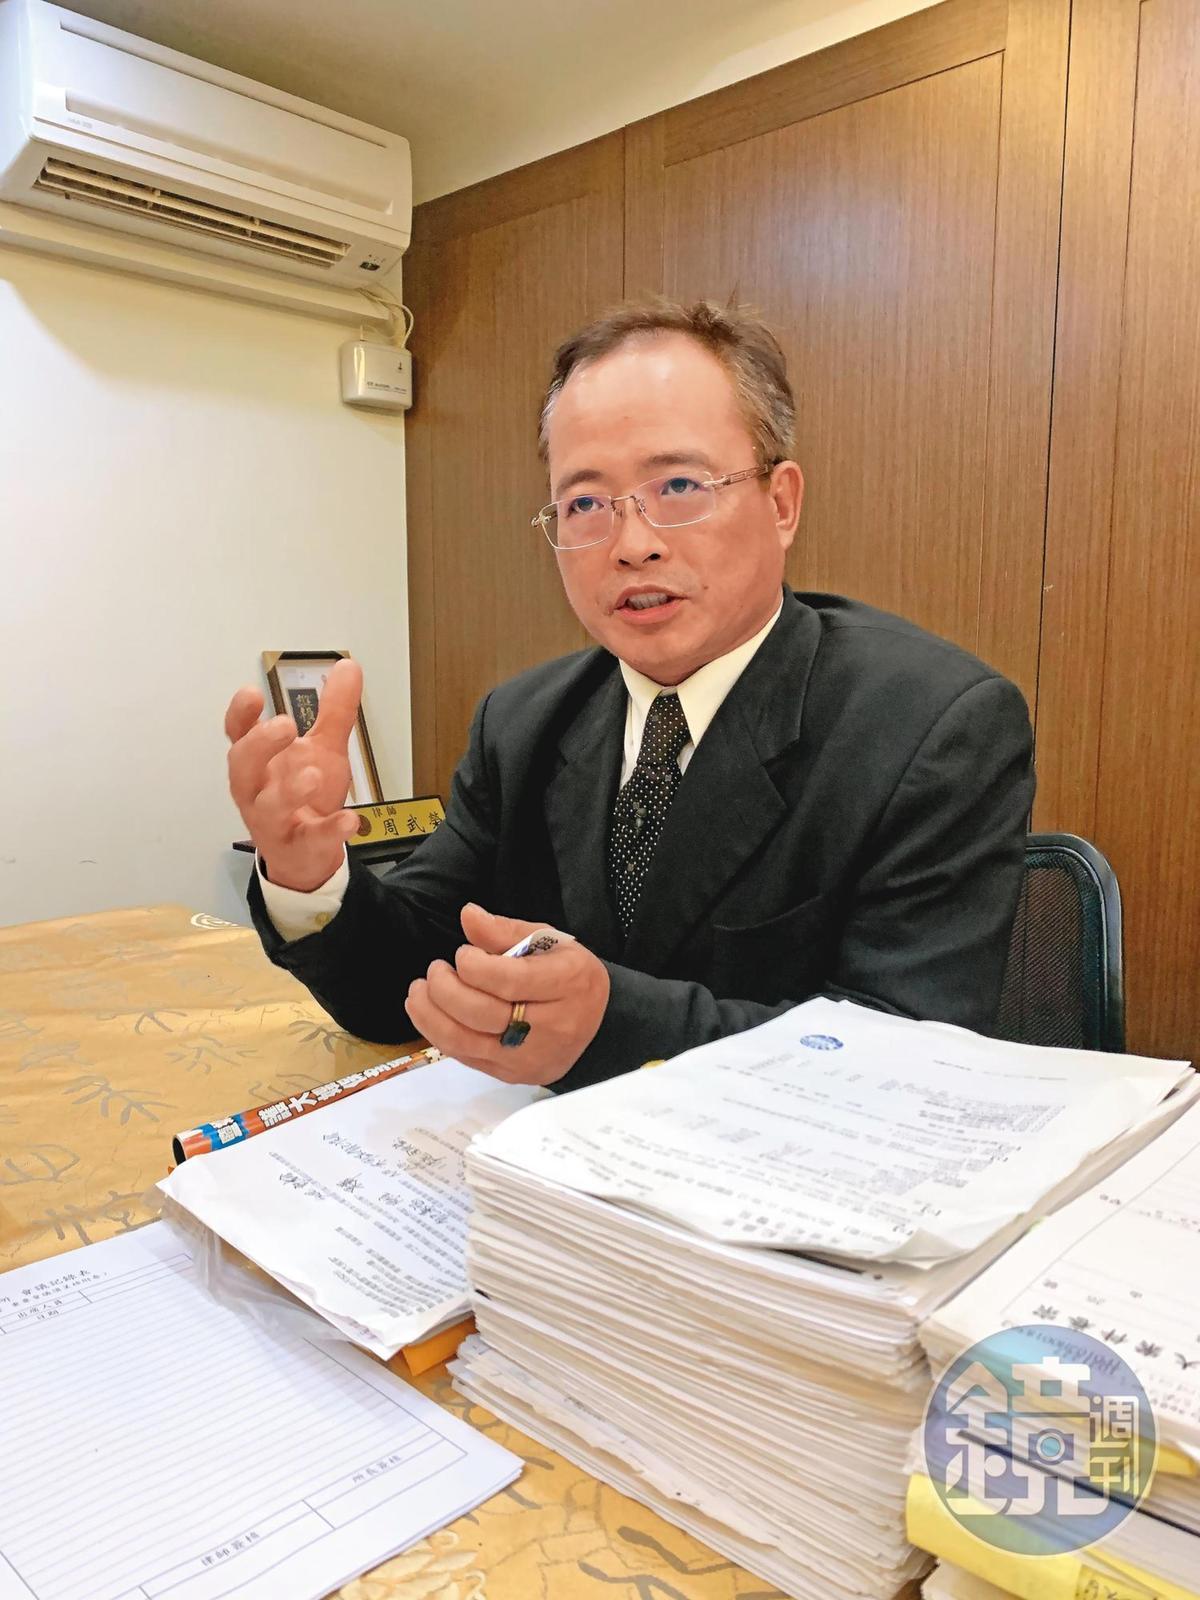 律師周武榮(圖)說,Z女奪走一條人命,遭判20年算是合理。